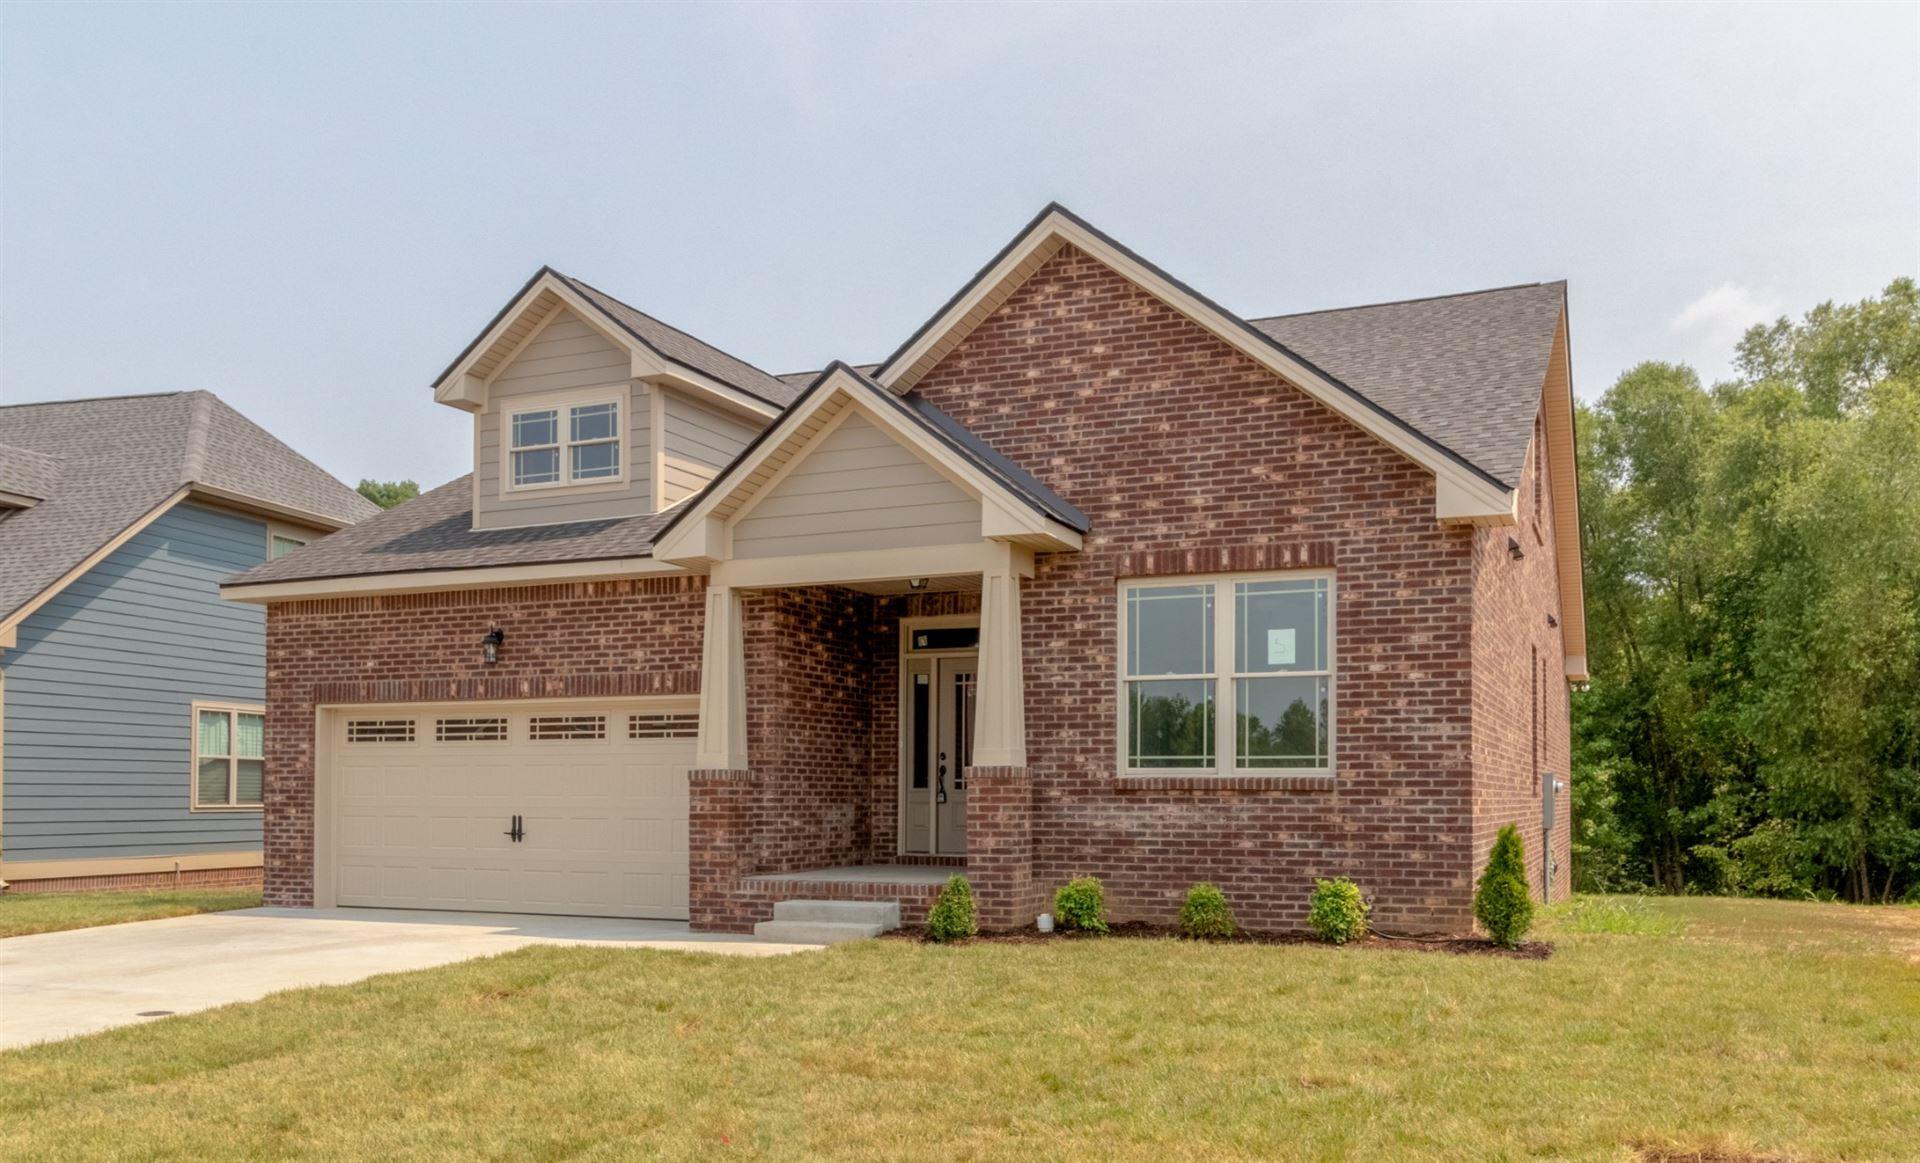 117 Cottage Ln, Clarksville, TN 37043 - MLS#: 2260462